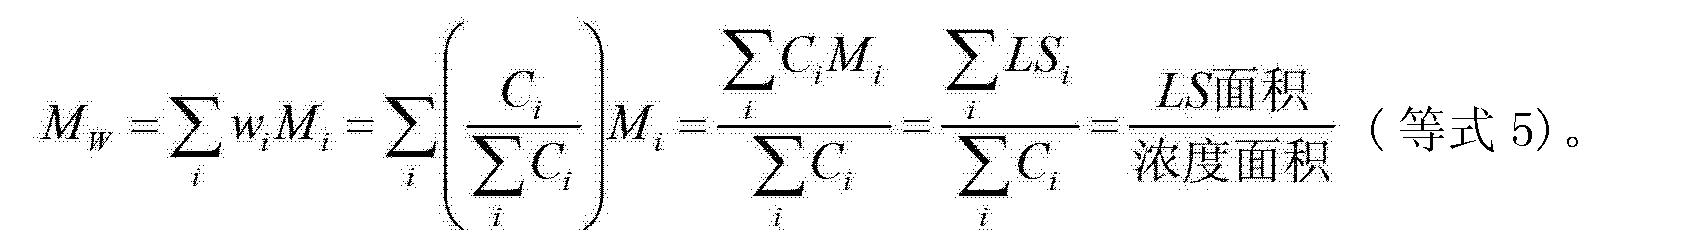 Figure CN102695734BD00212